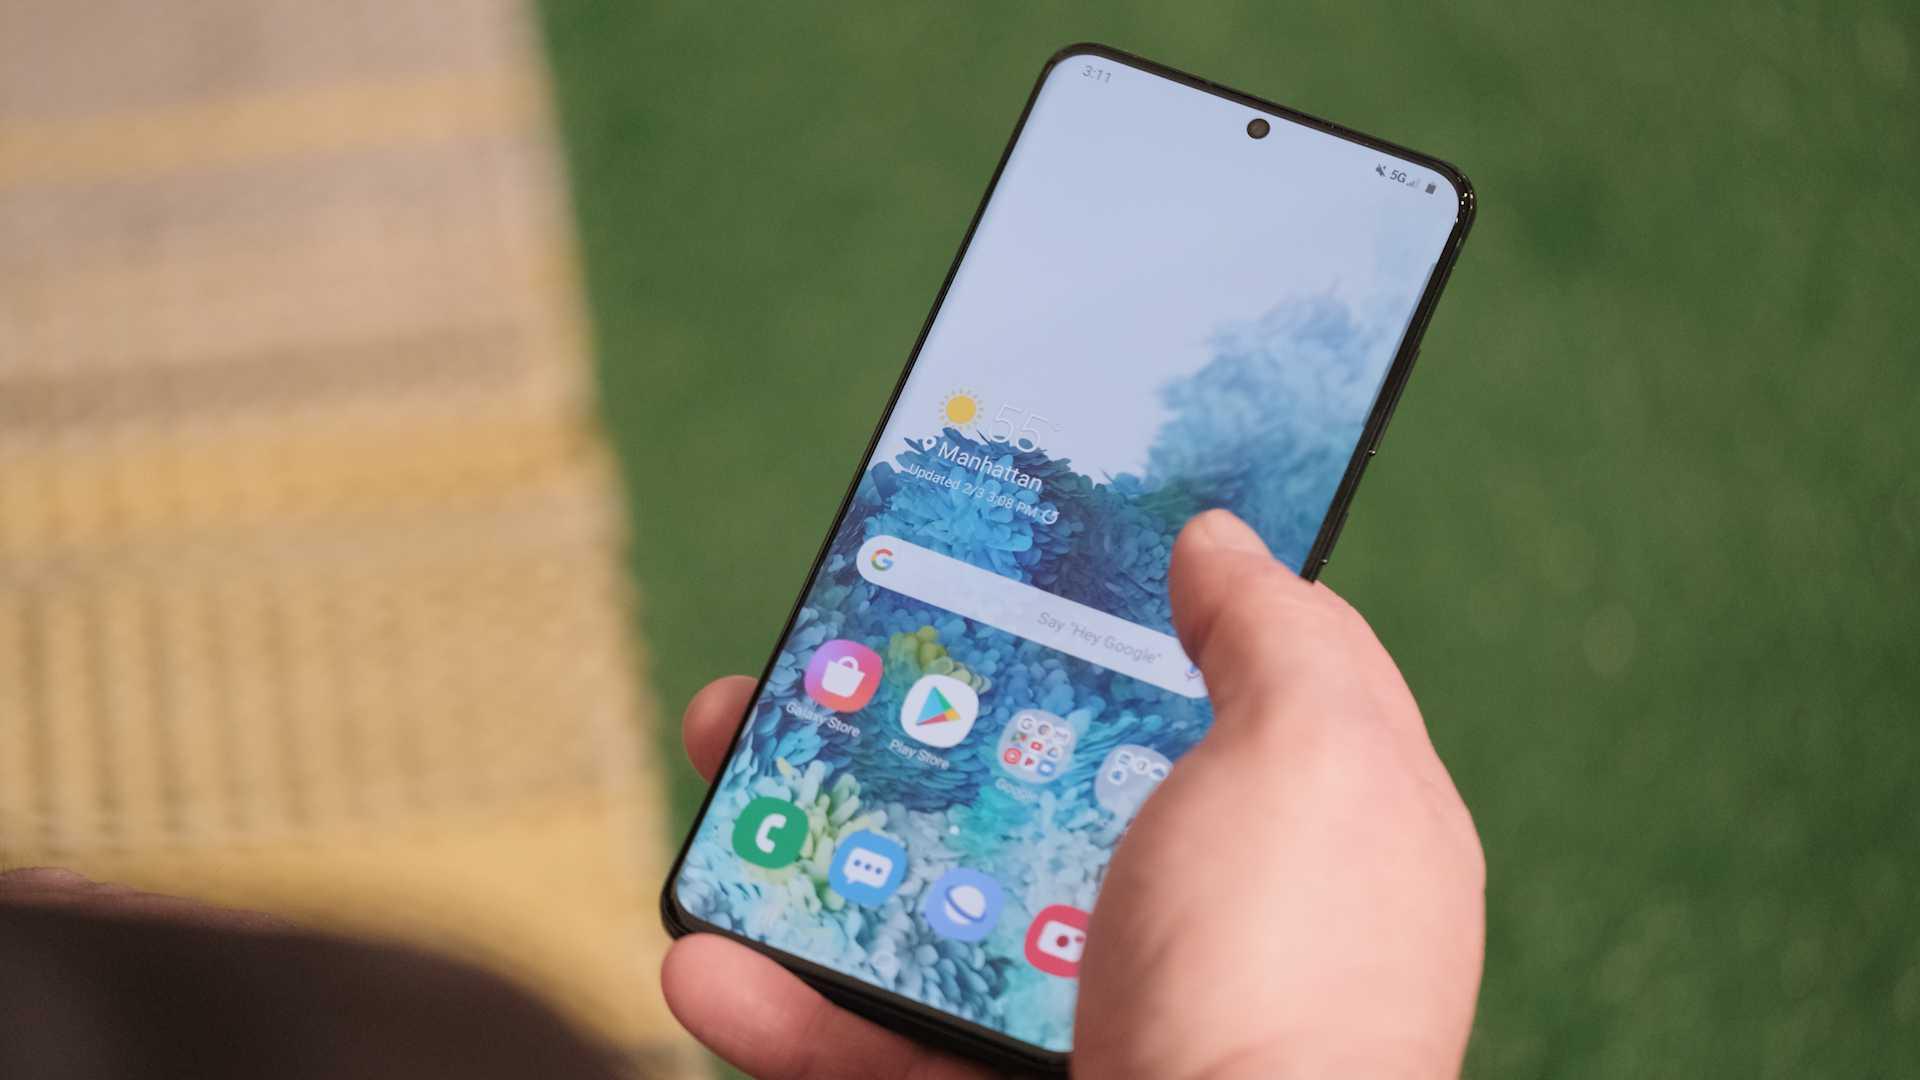 Относительно недолго осталось ожидать презентации многообещающего флагмана Samsung Galaxy A90 до премьеры которого в сети пестрили самыми разнообразными теориями